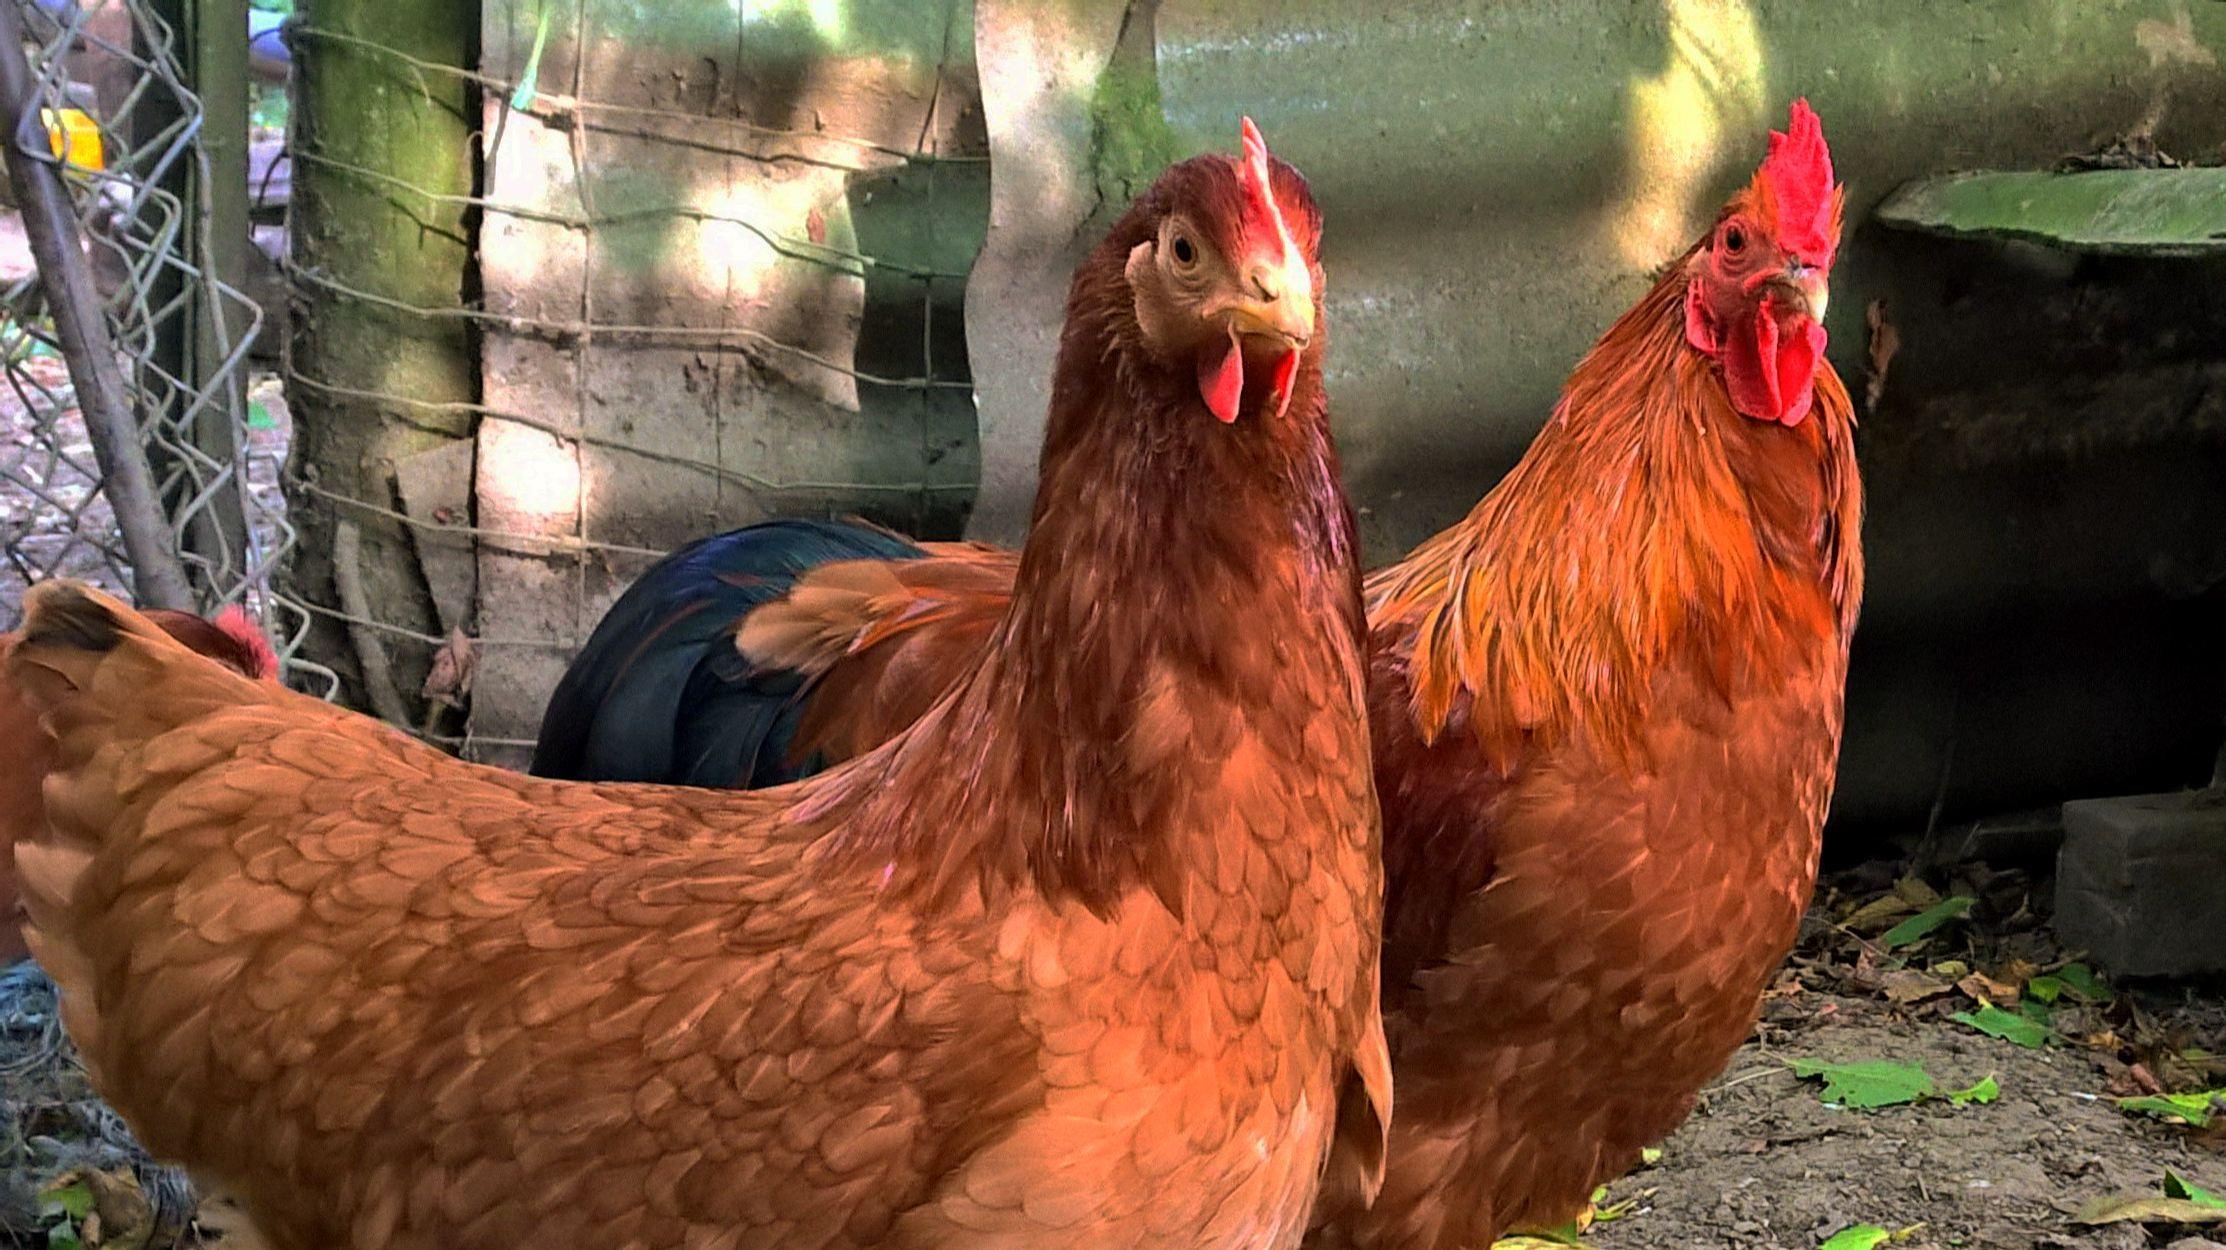 Der Hahn Kräht Noch Nicht Was Kann Ich Tun Hühner Krähen